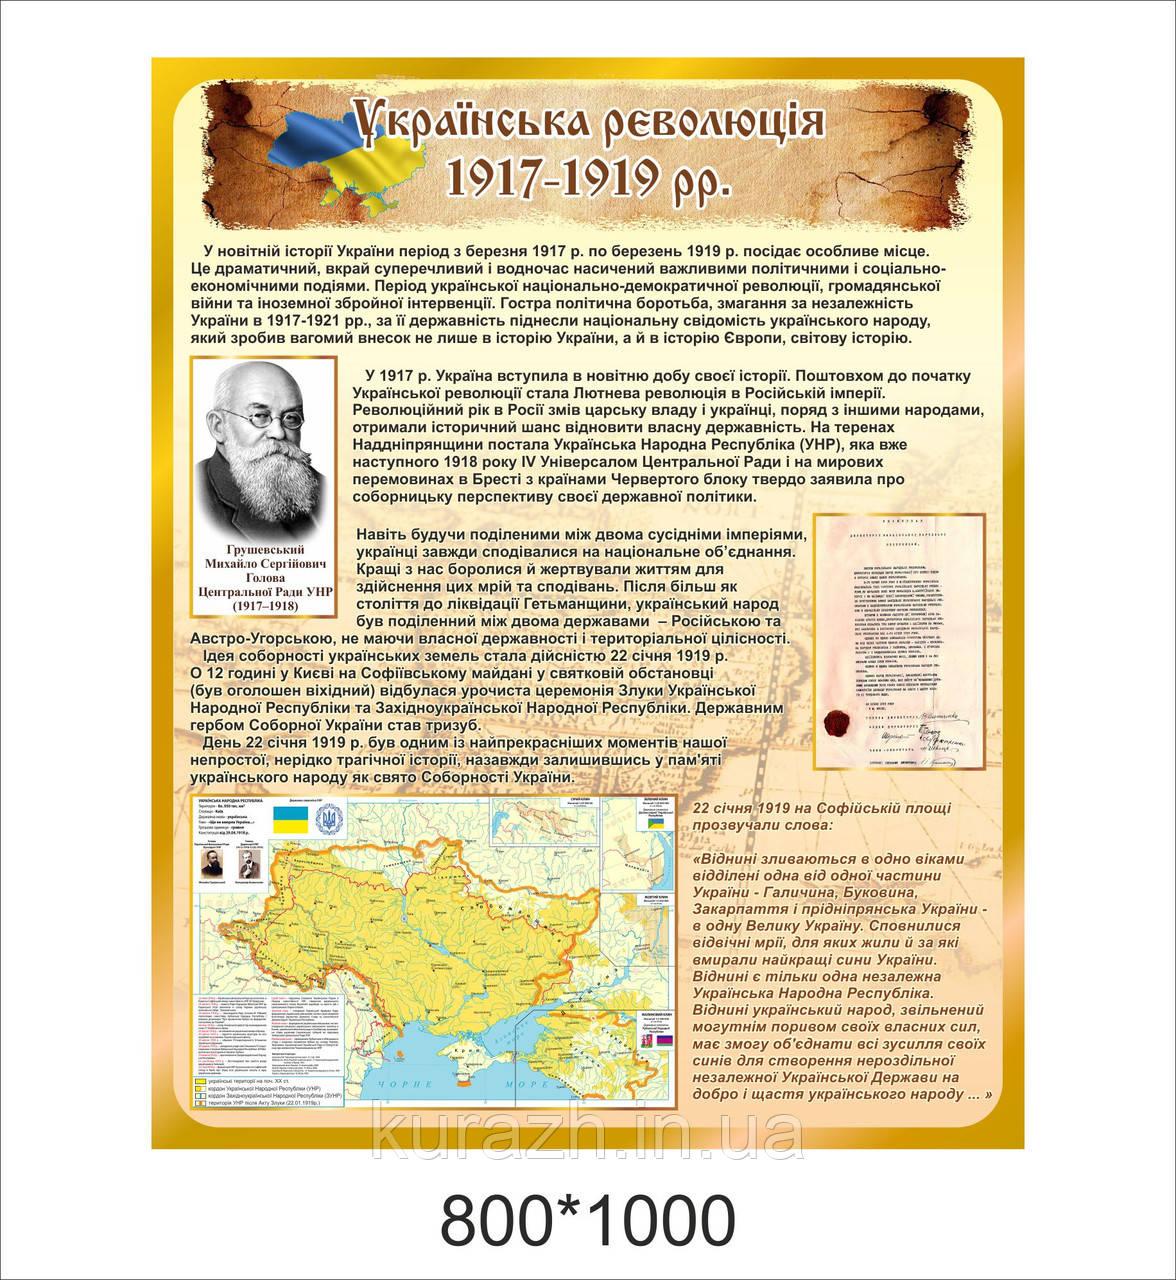 Стенд«Українська революція 1917-1919 рр.»